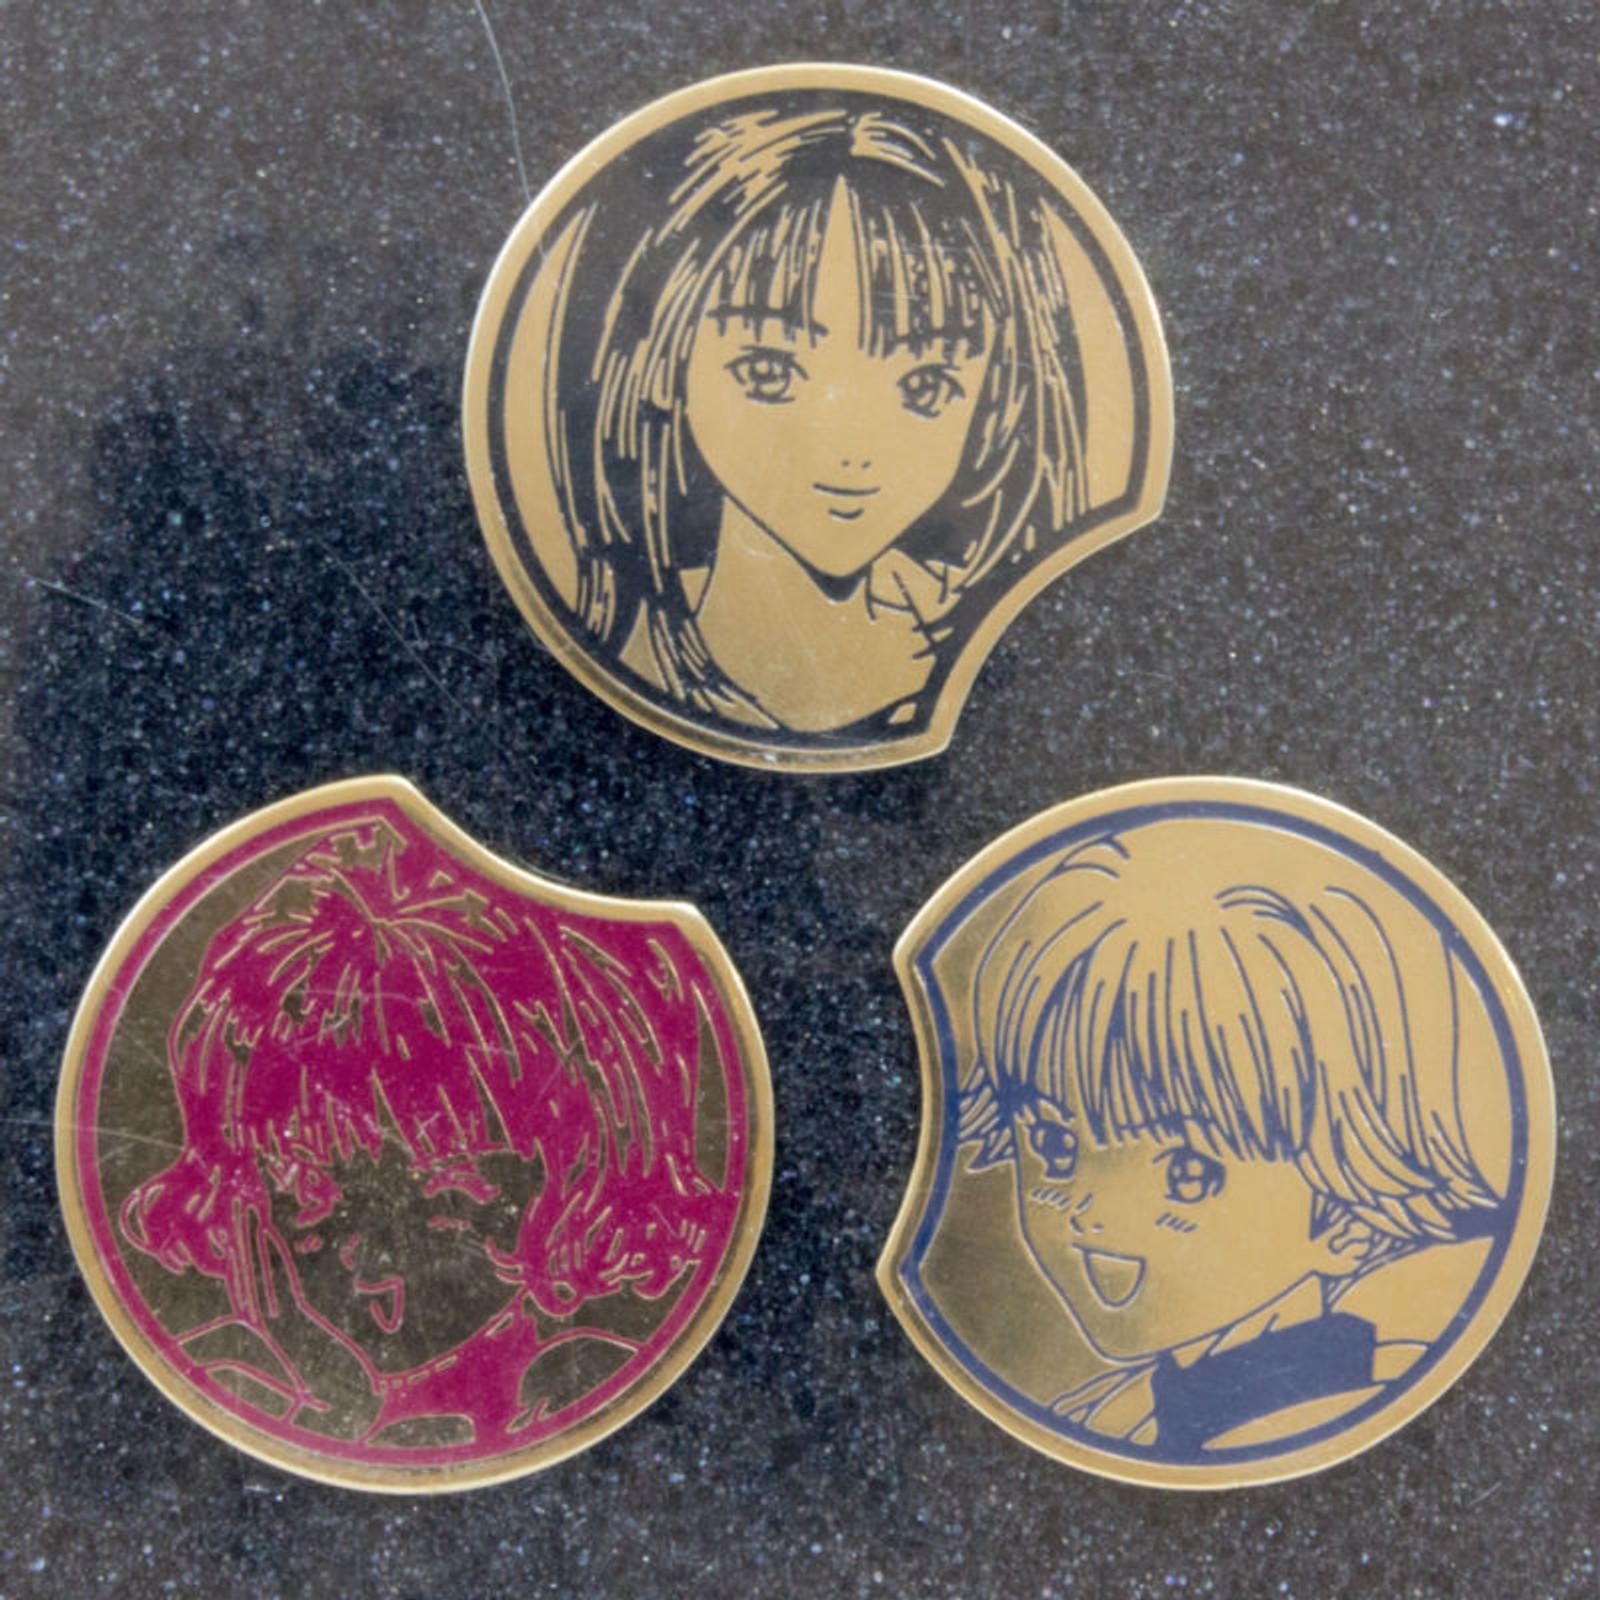 I's Special Pins Set Iori Yoshizuki Itsuki Izumi JAPAN ANIME MASAKAZU KATSURA